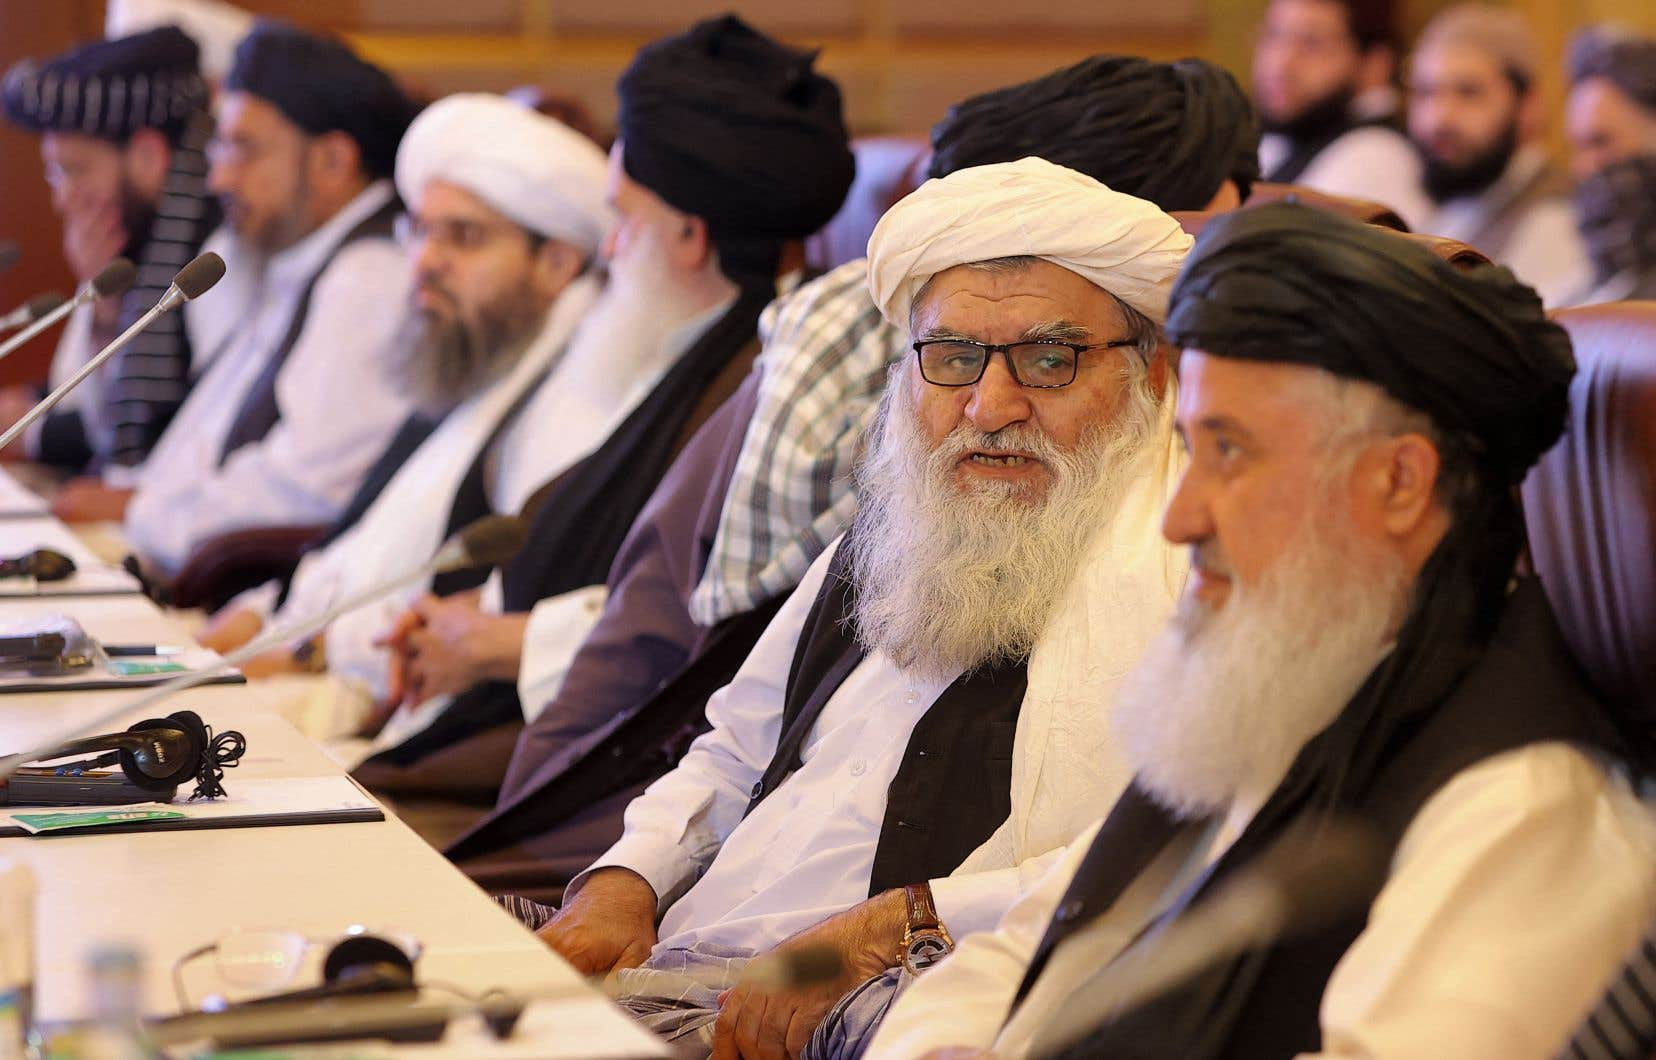 Des membres de la délégation des talibans lors de pourparlers avec le gouvernement afghan, à Doha le 18 juillet dernier.